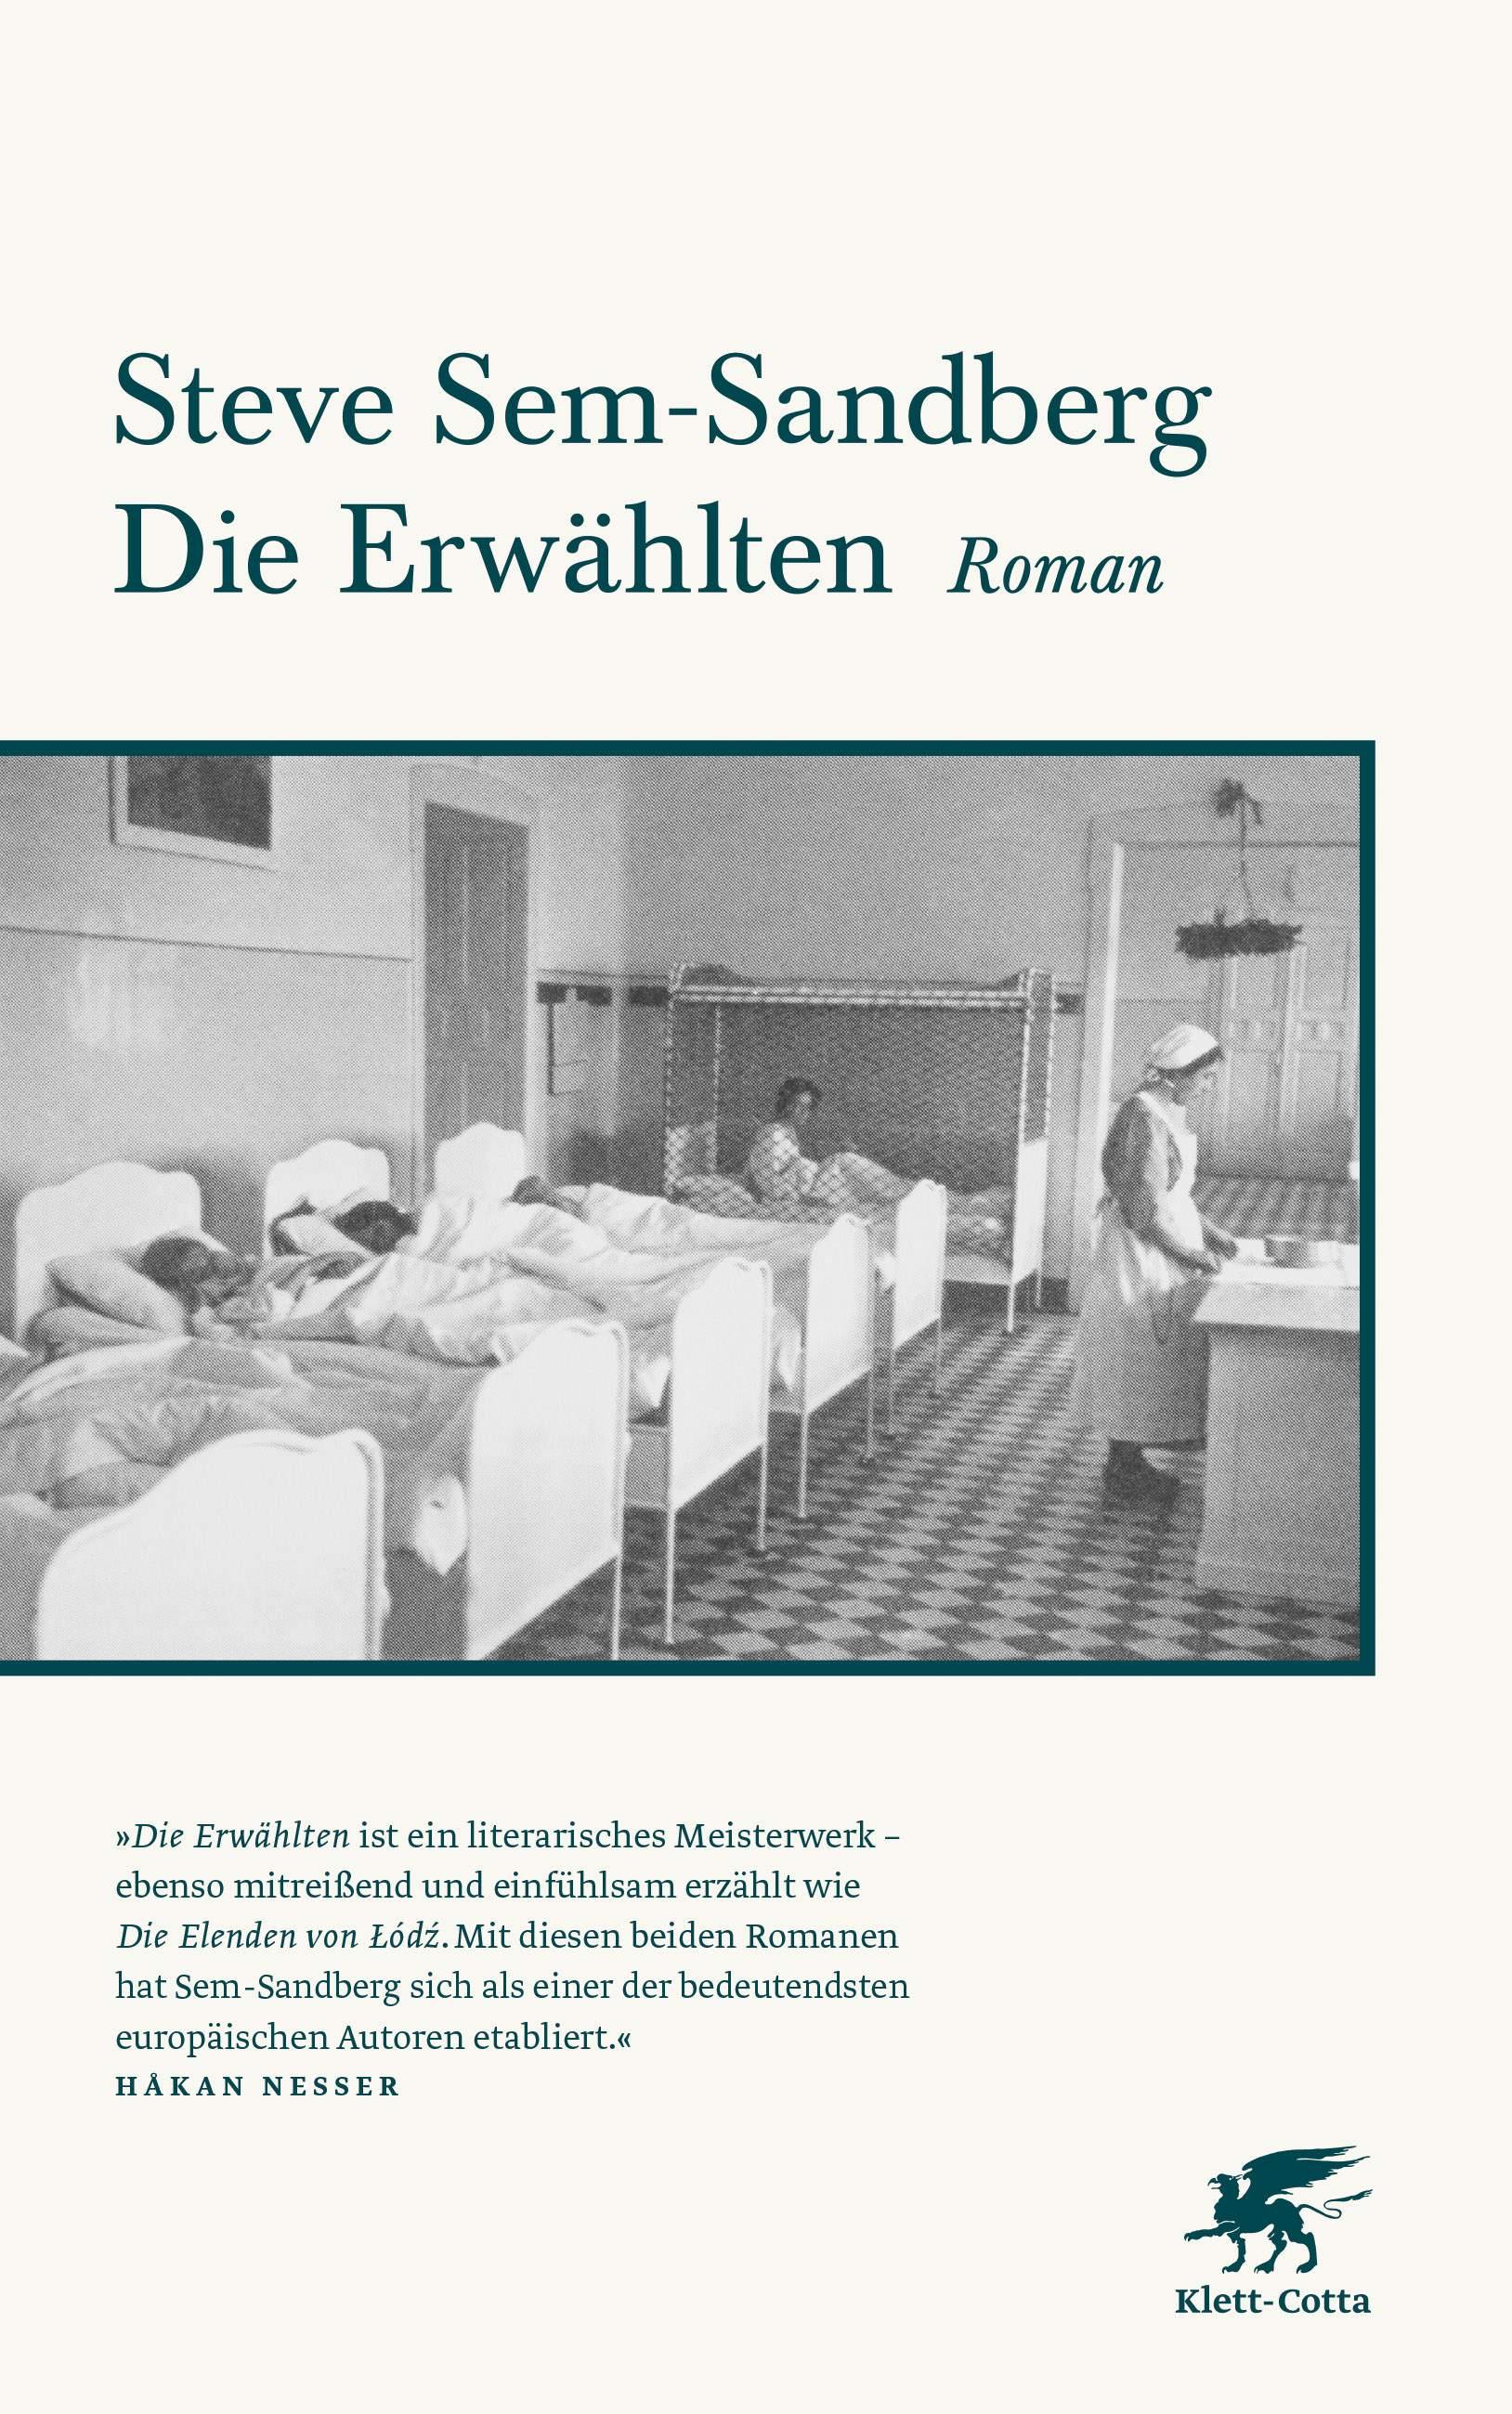 Klett Cotta. 640 Seiten. 26,95 Euro.